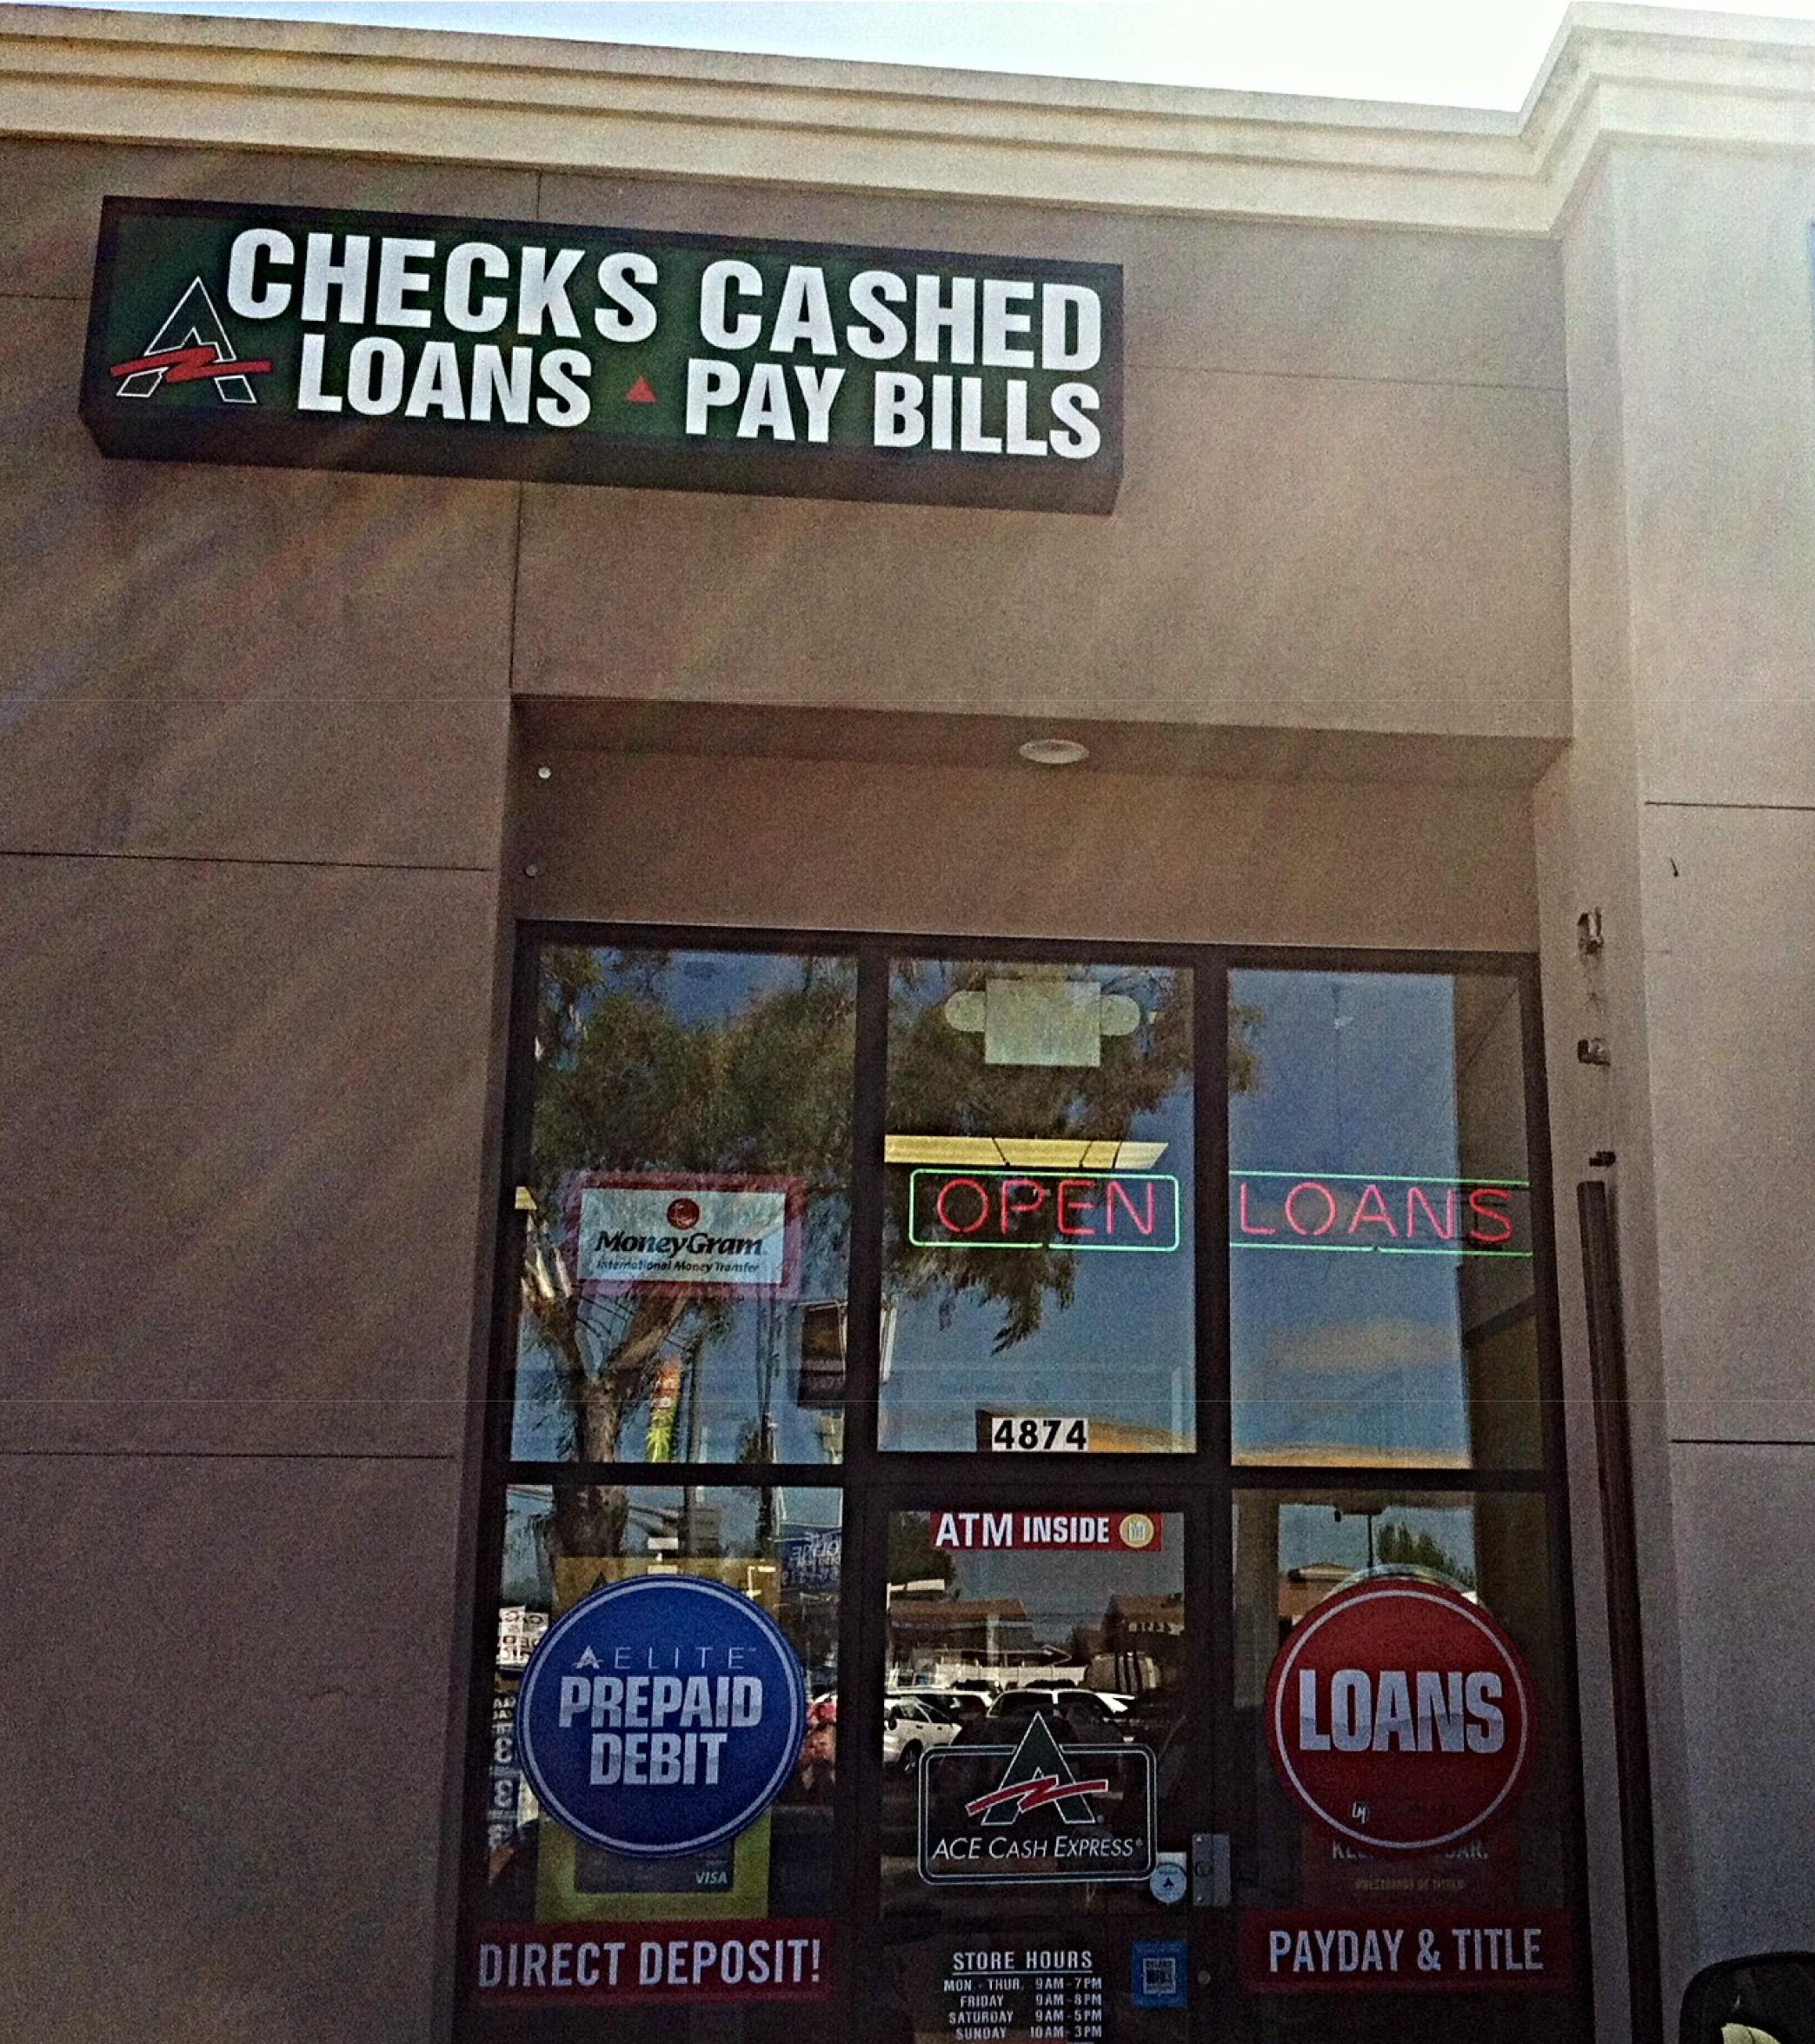 Payday loan loma linda ca image 8